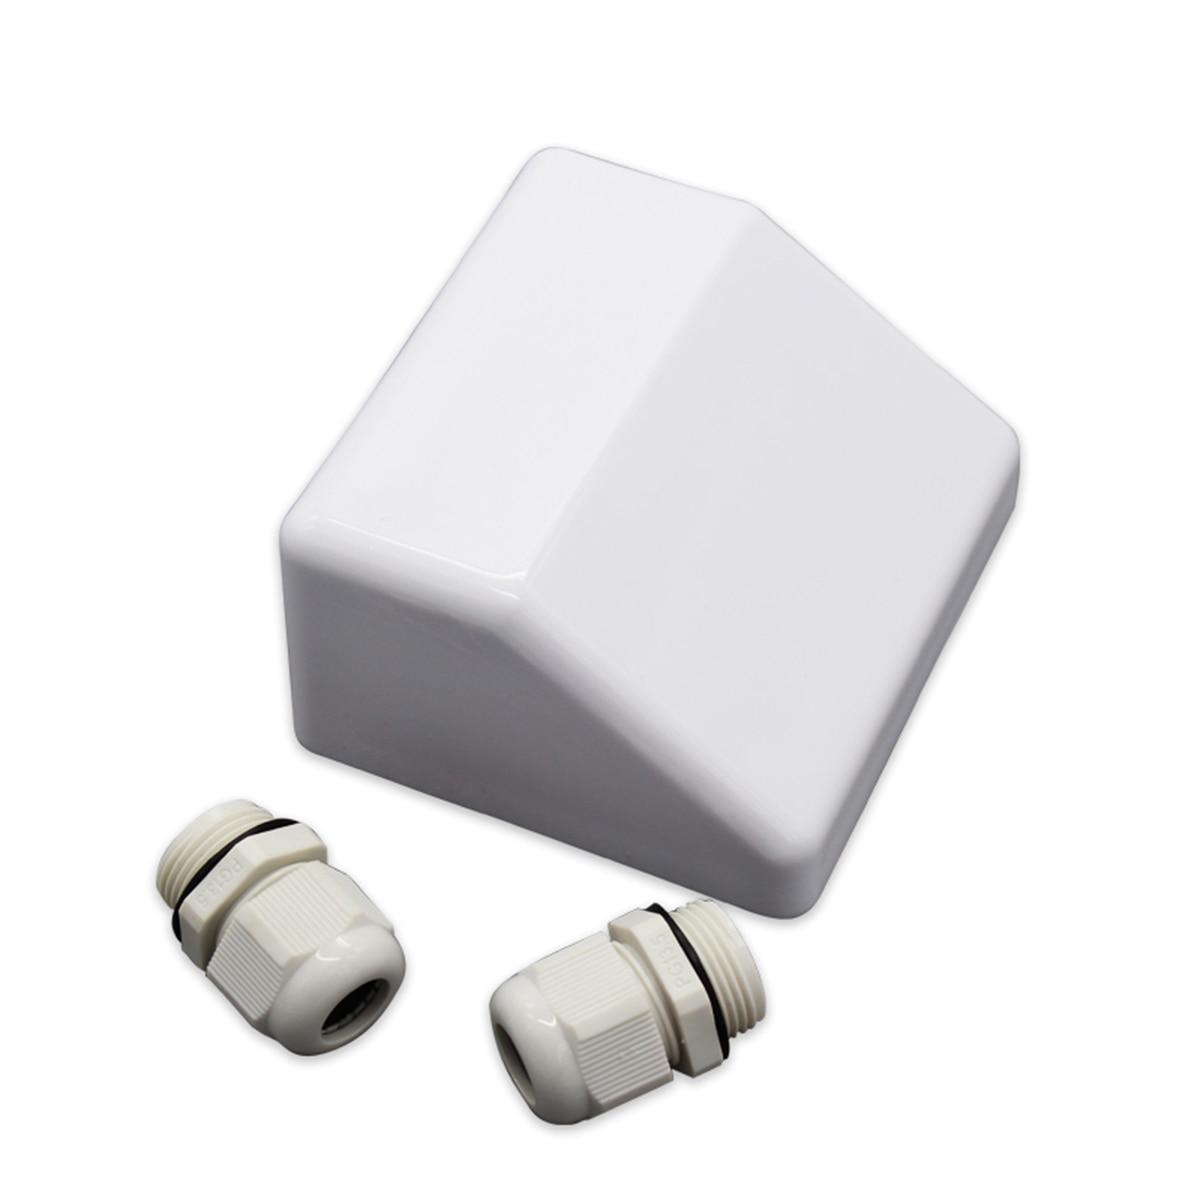 Kit de support de montage de panneau solaire ABS blanc de 7 pièces/ensemble Gand d'entrée de câble idéal pour caravane camping-car - 6